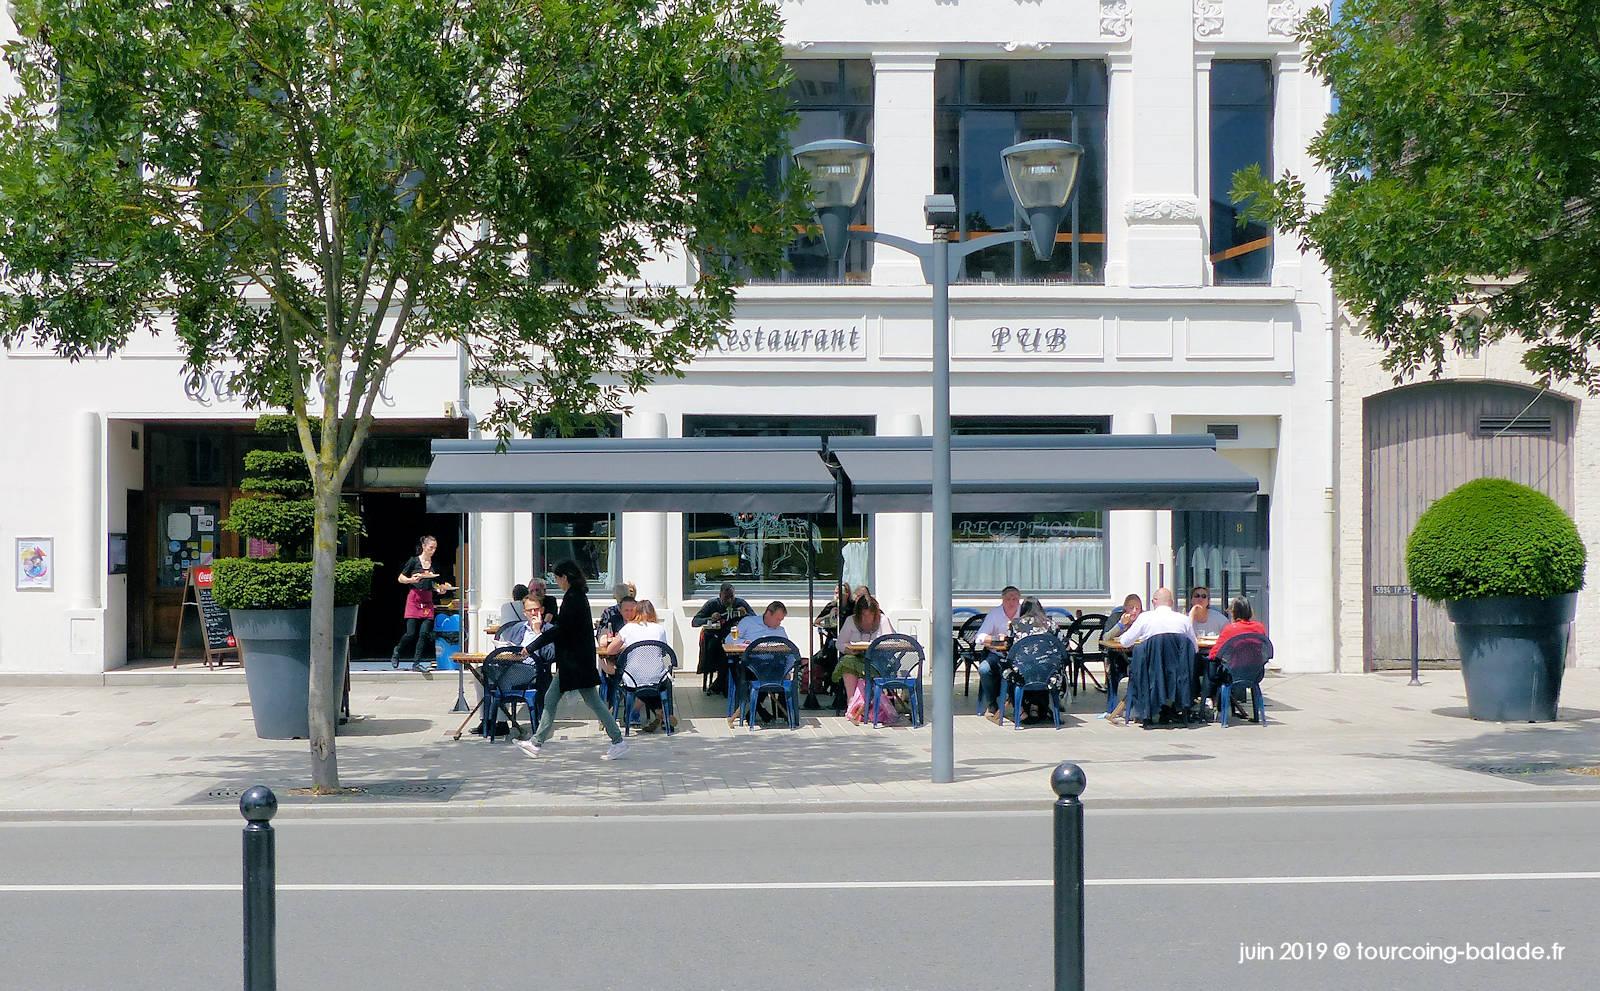 Restaurant Le P'tit Quinquin, place de la République, Tourcoing 2019